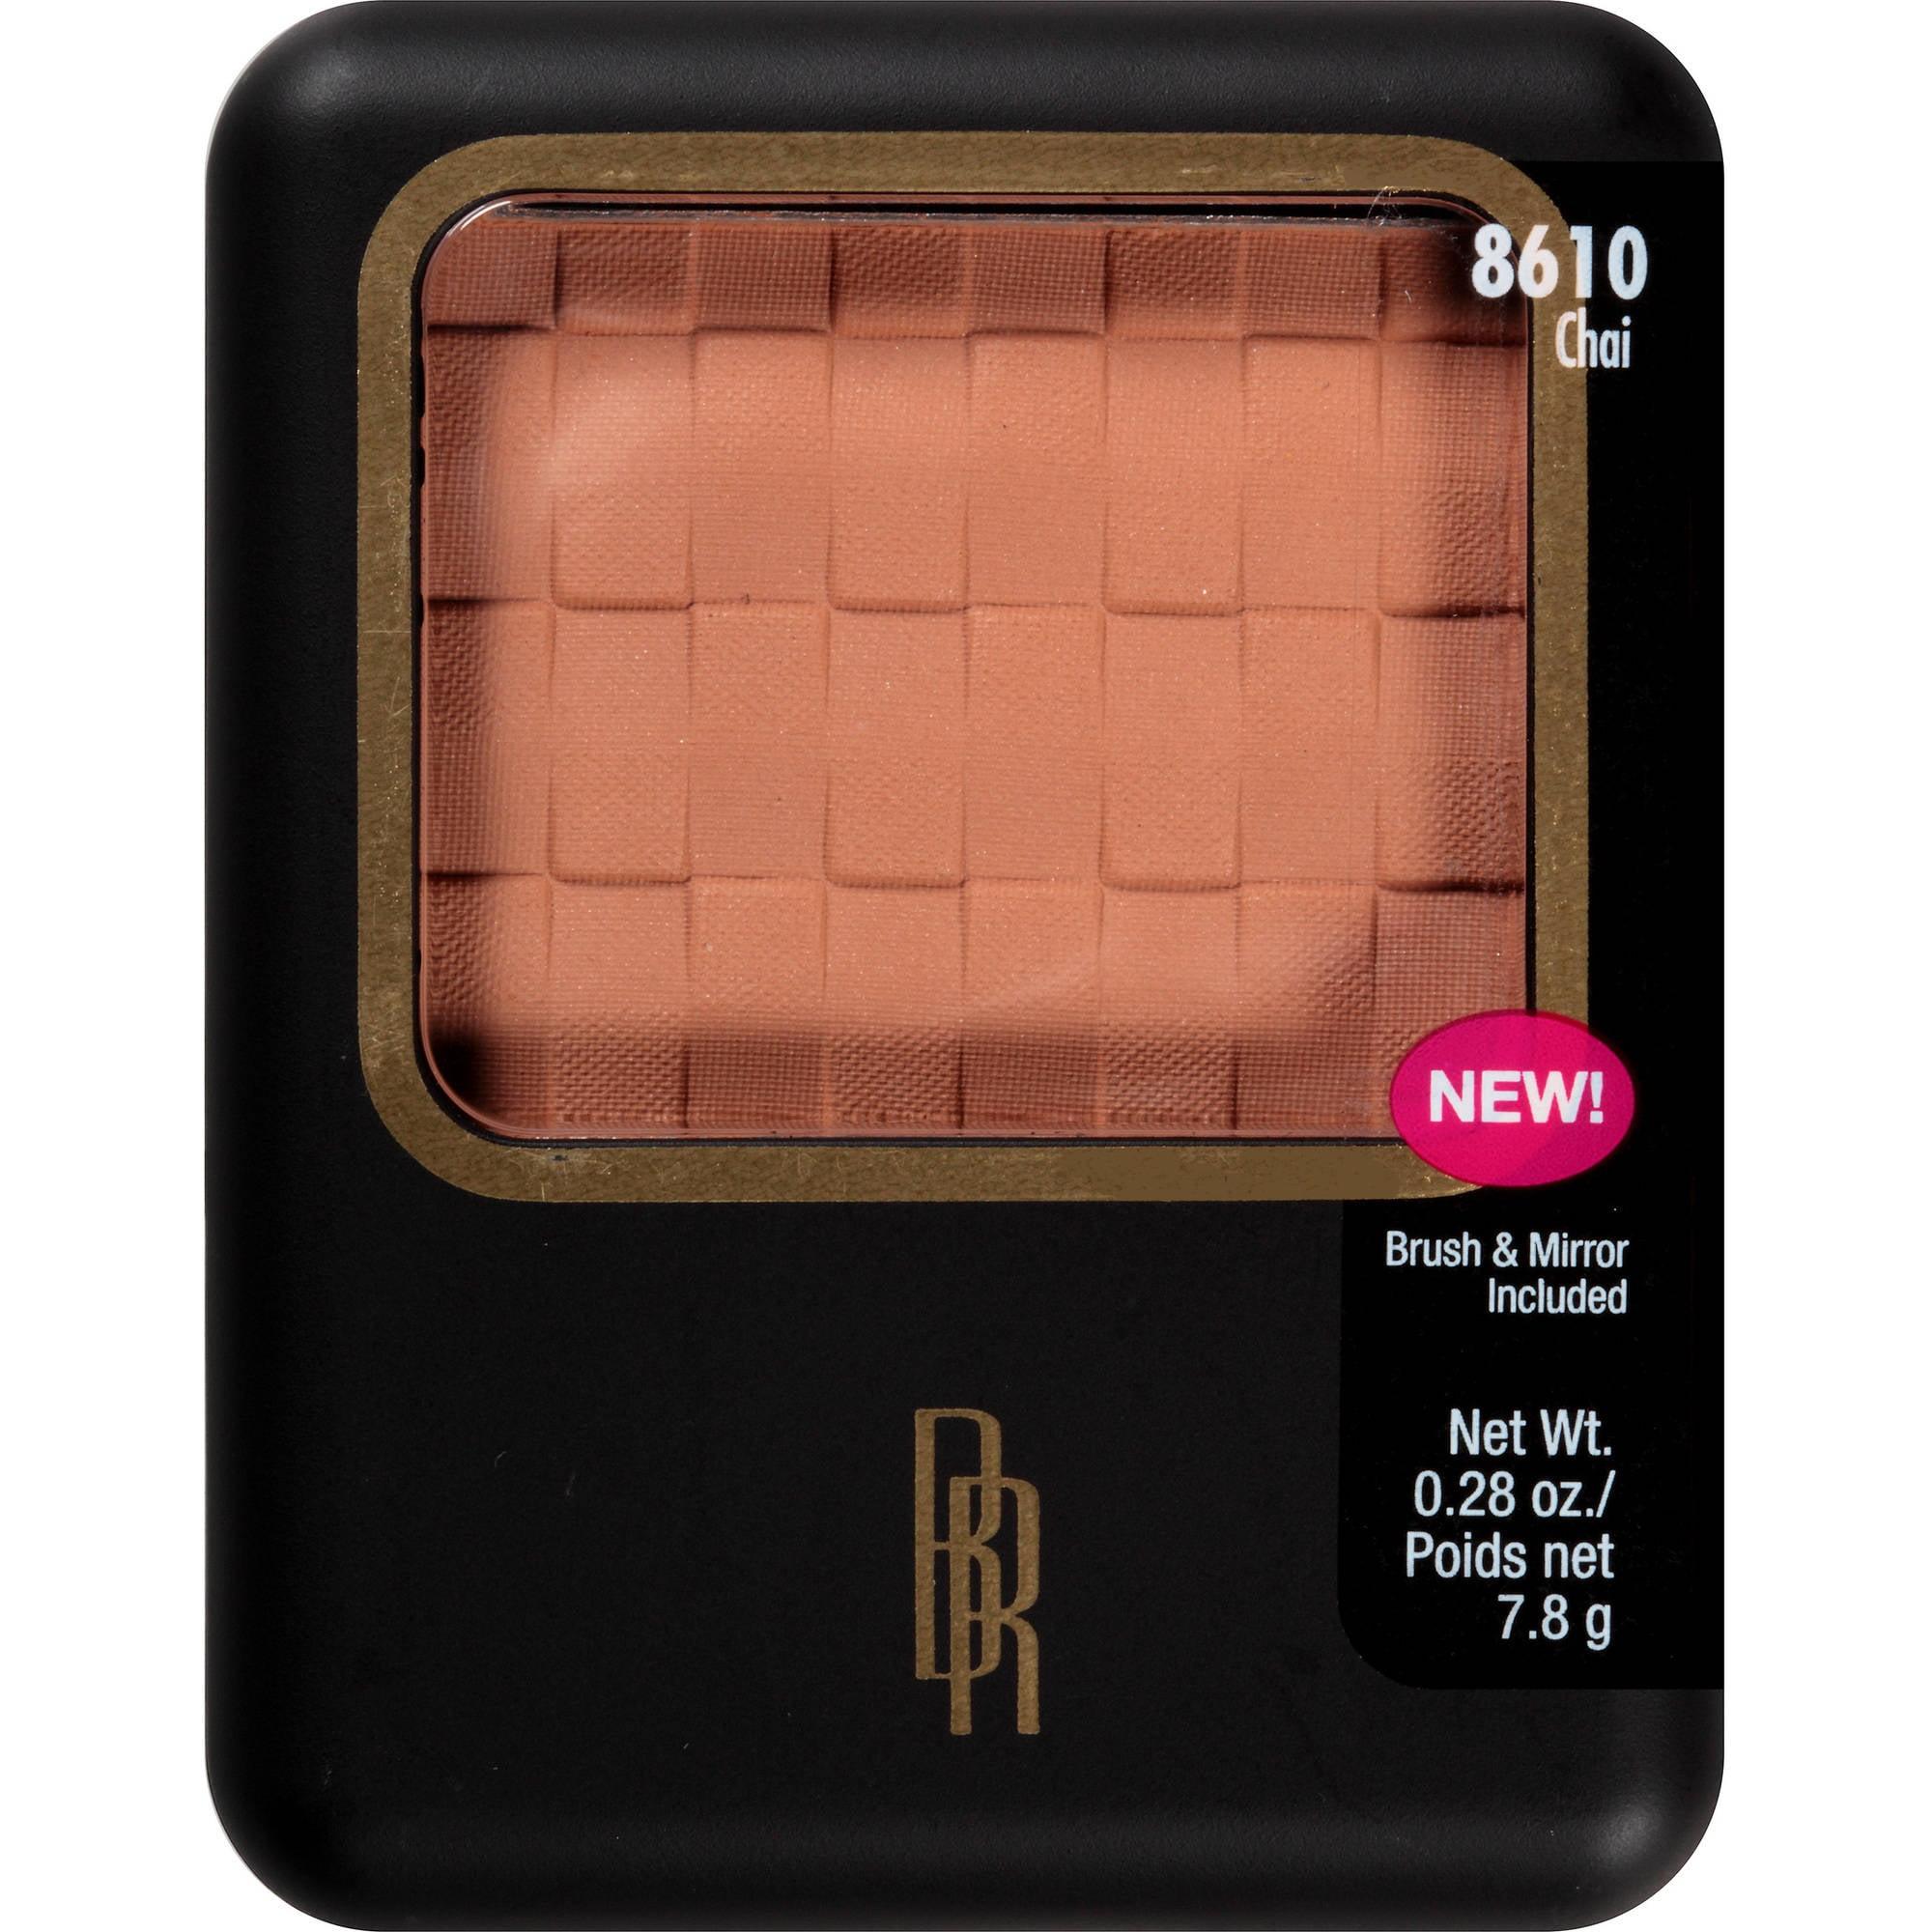 Black Radiance Pressed Facial Powder, Chai, 0.28 oz